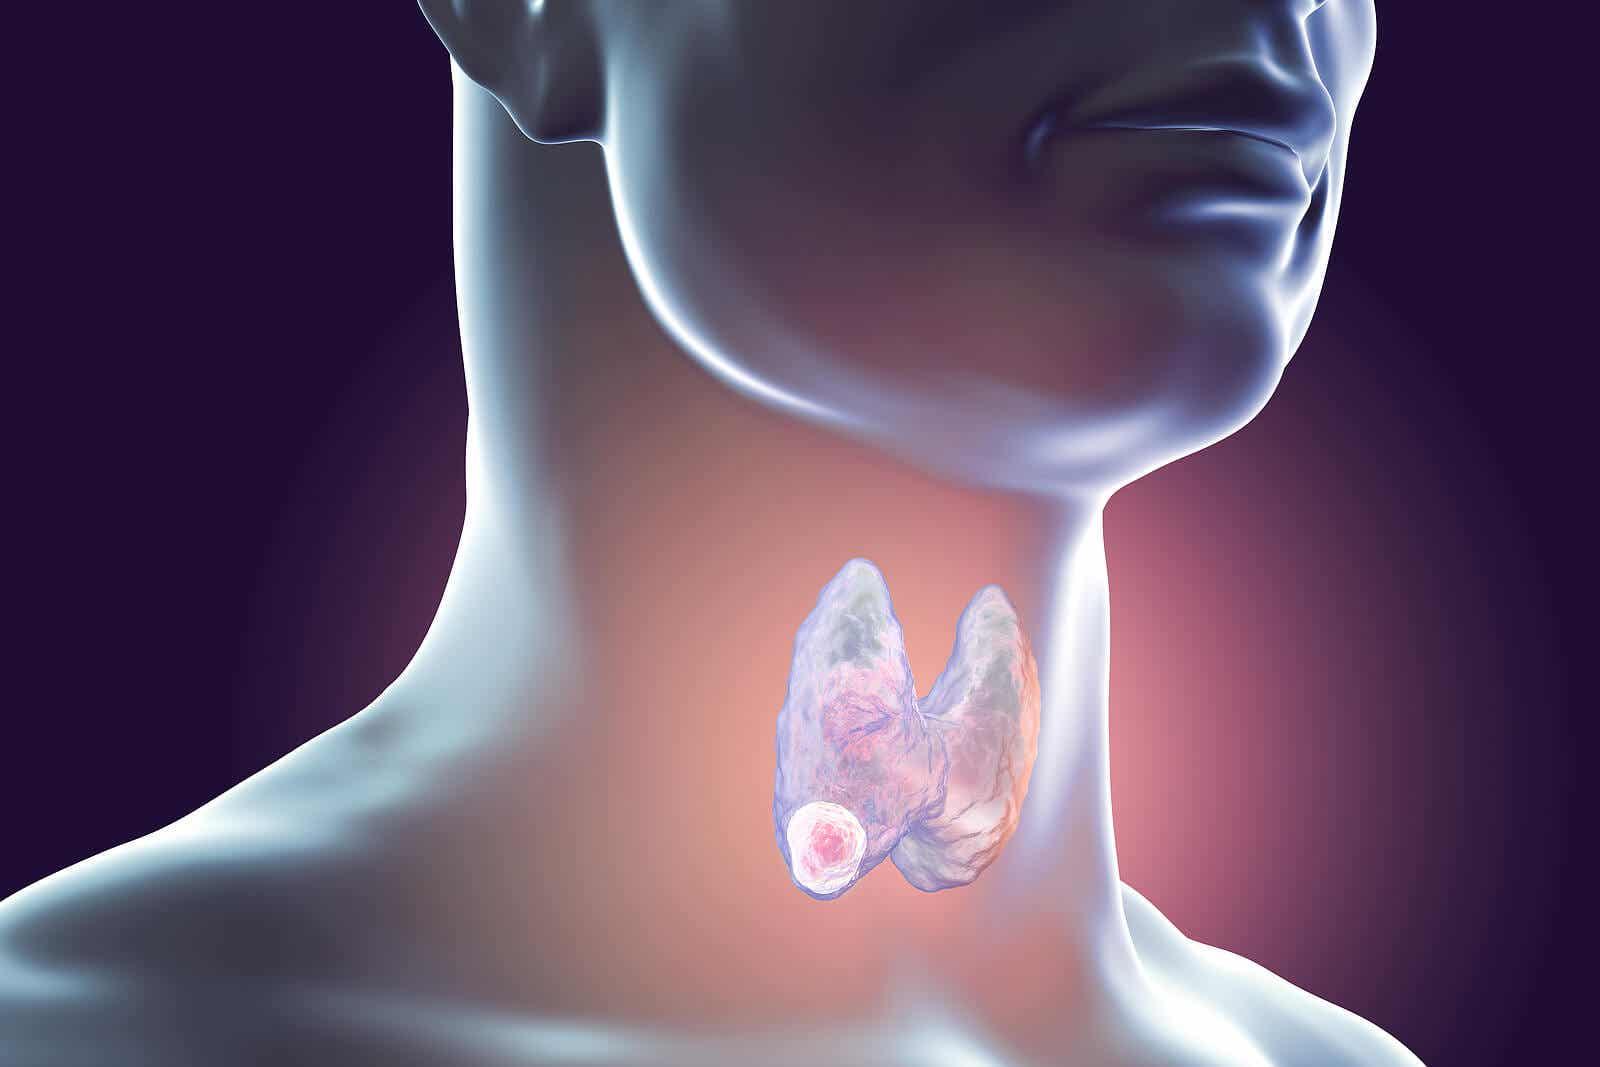 A digital illustration of a thyroid nodule.